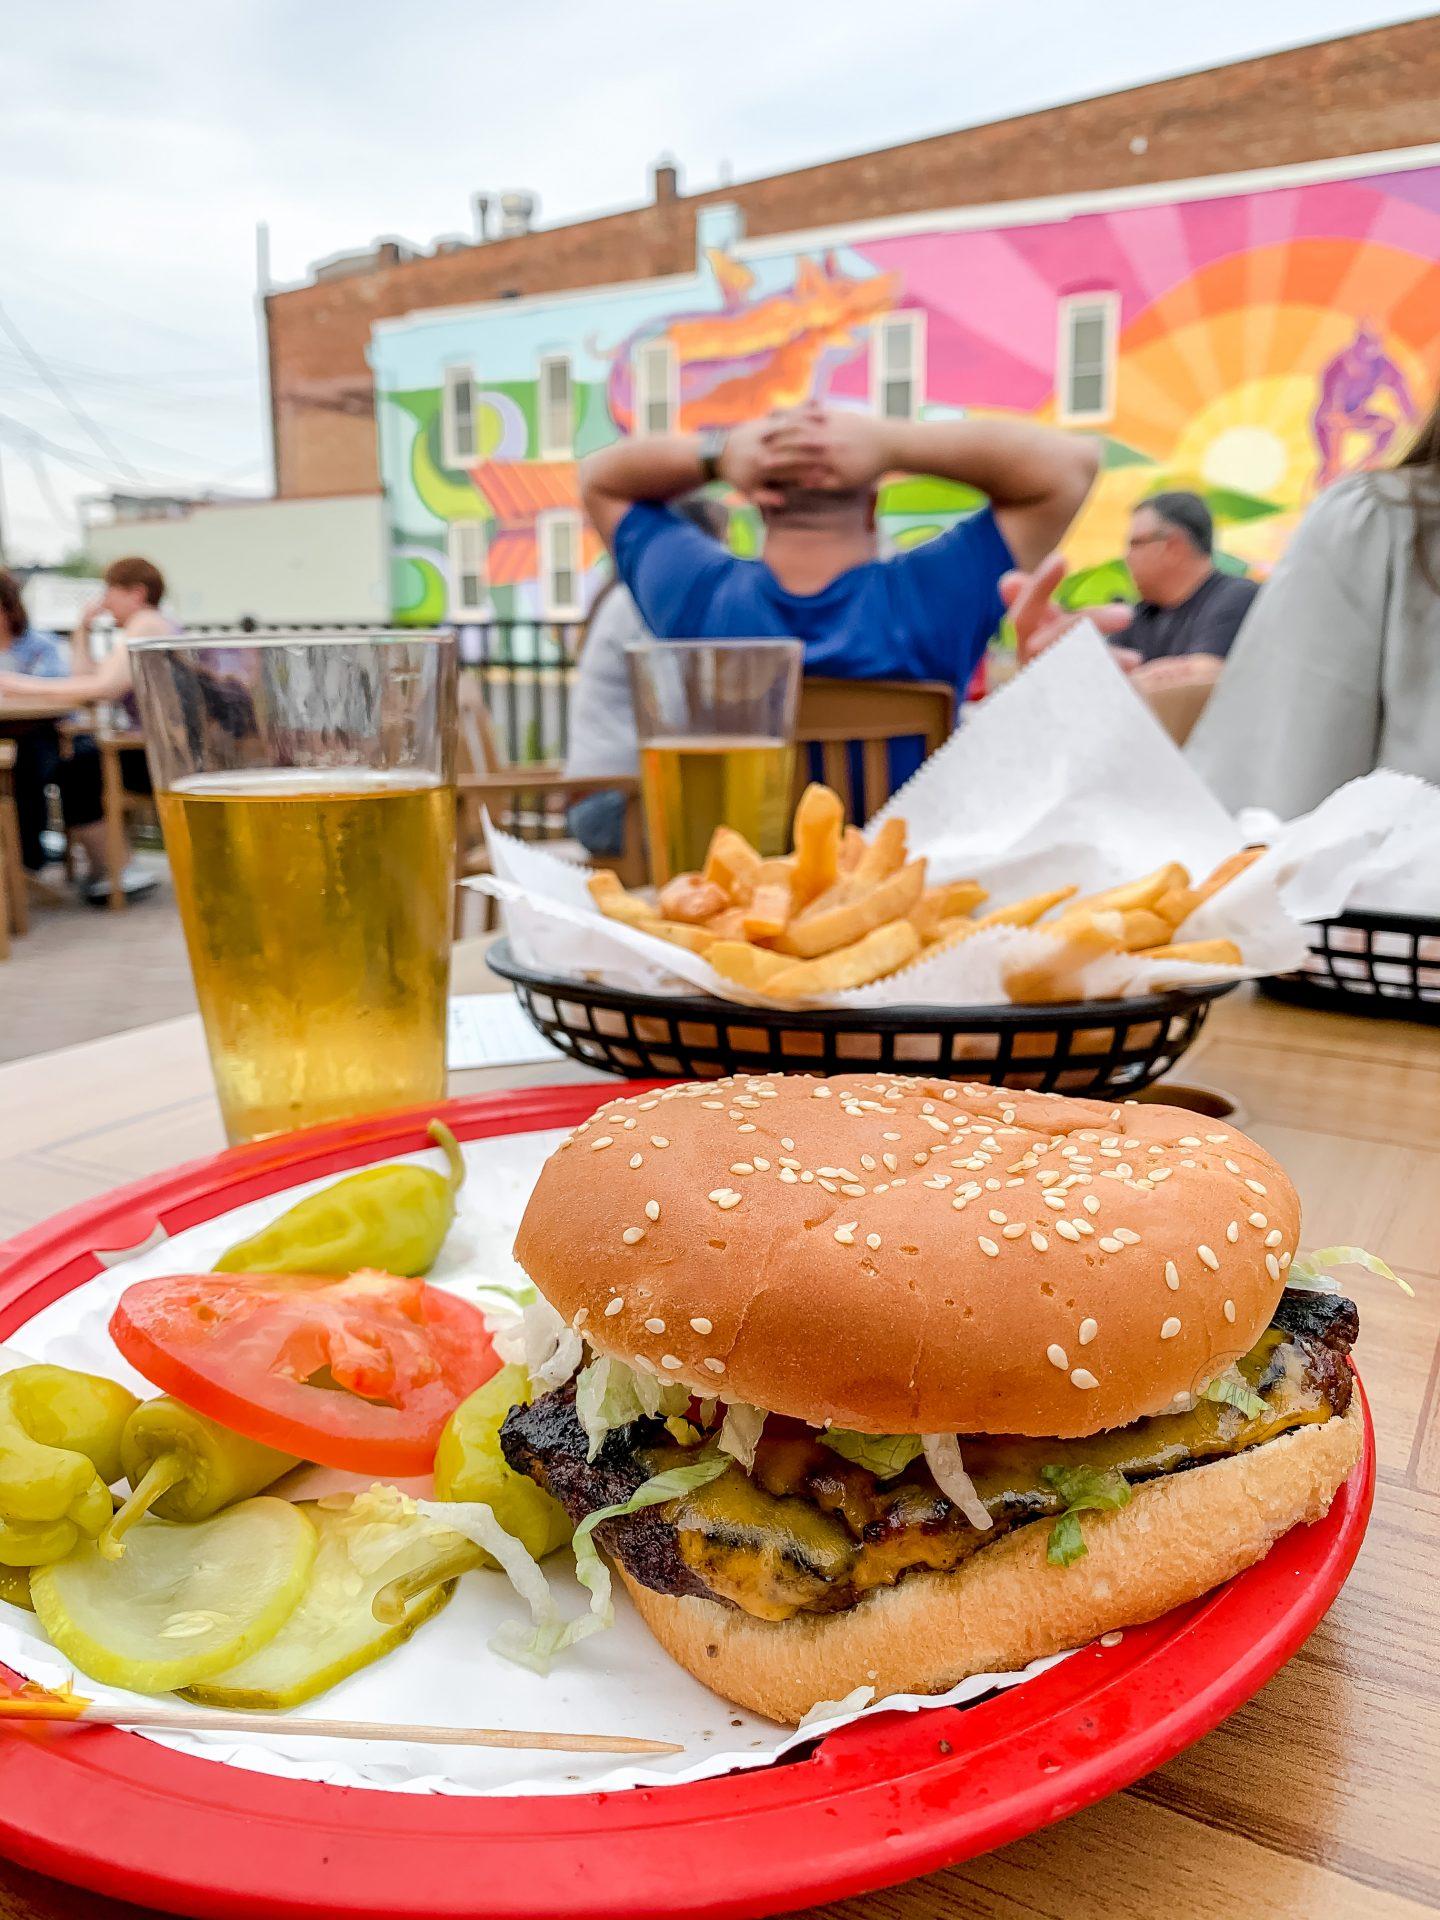 shamrock utica burger and mural